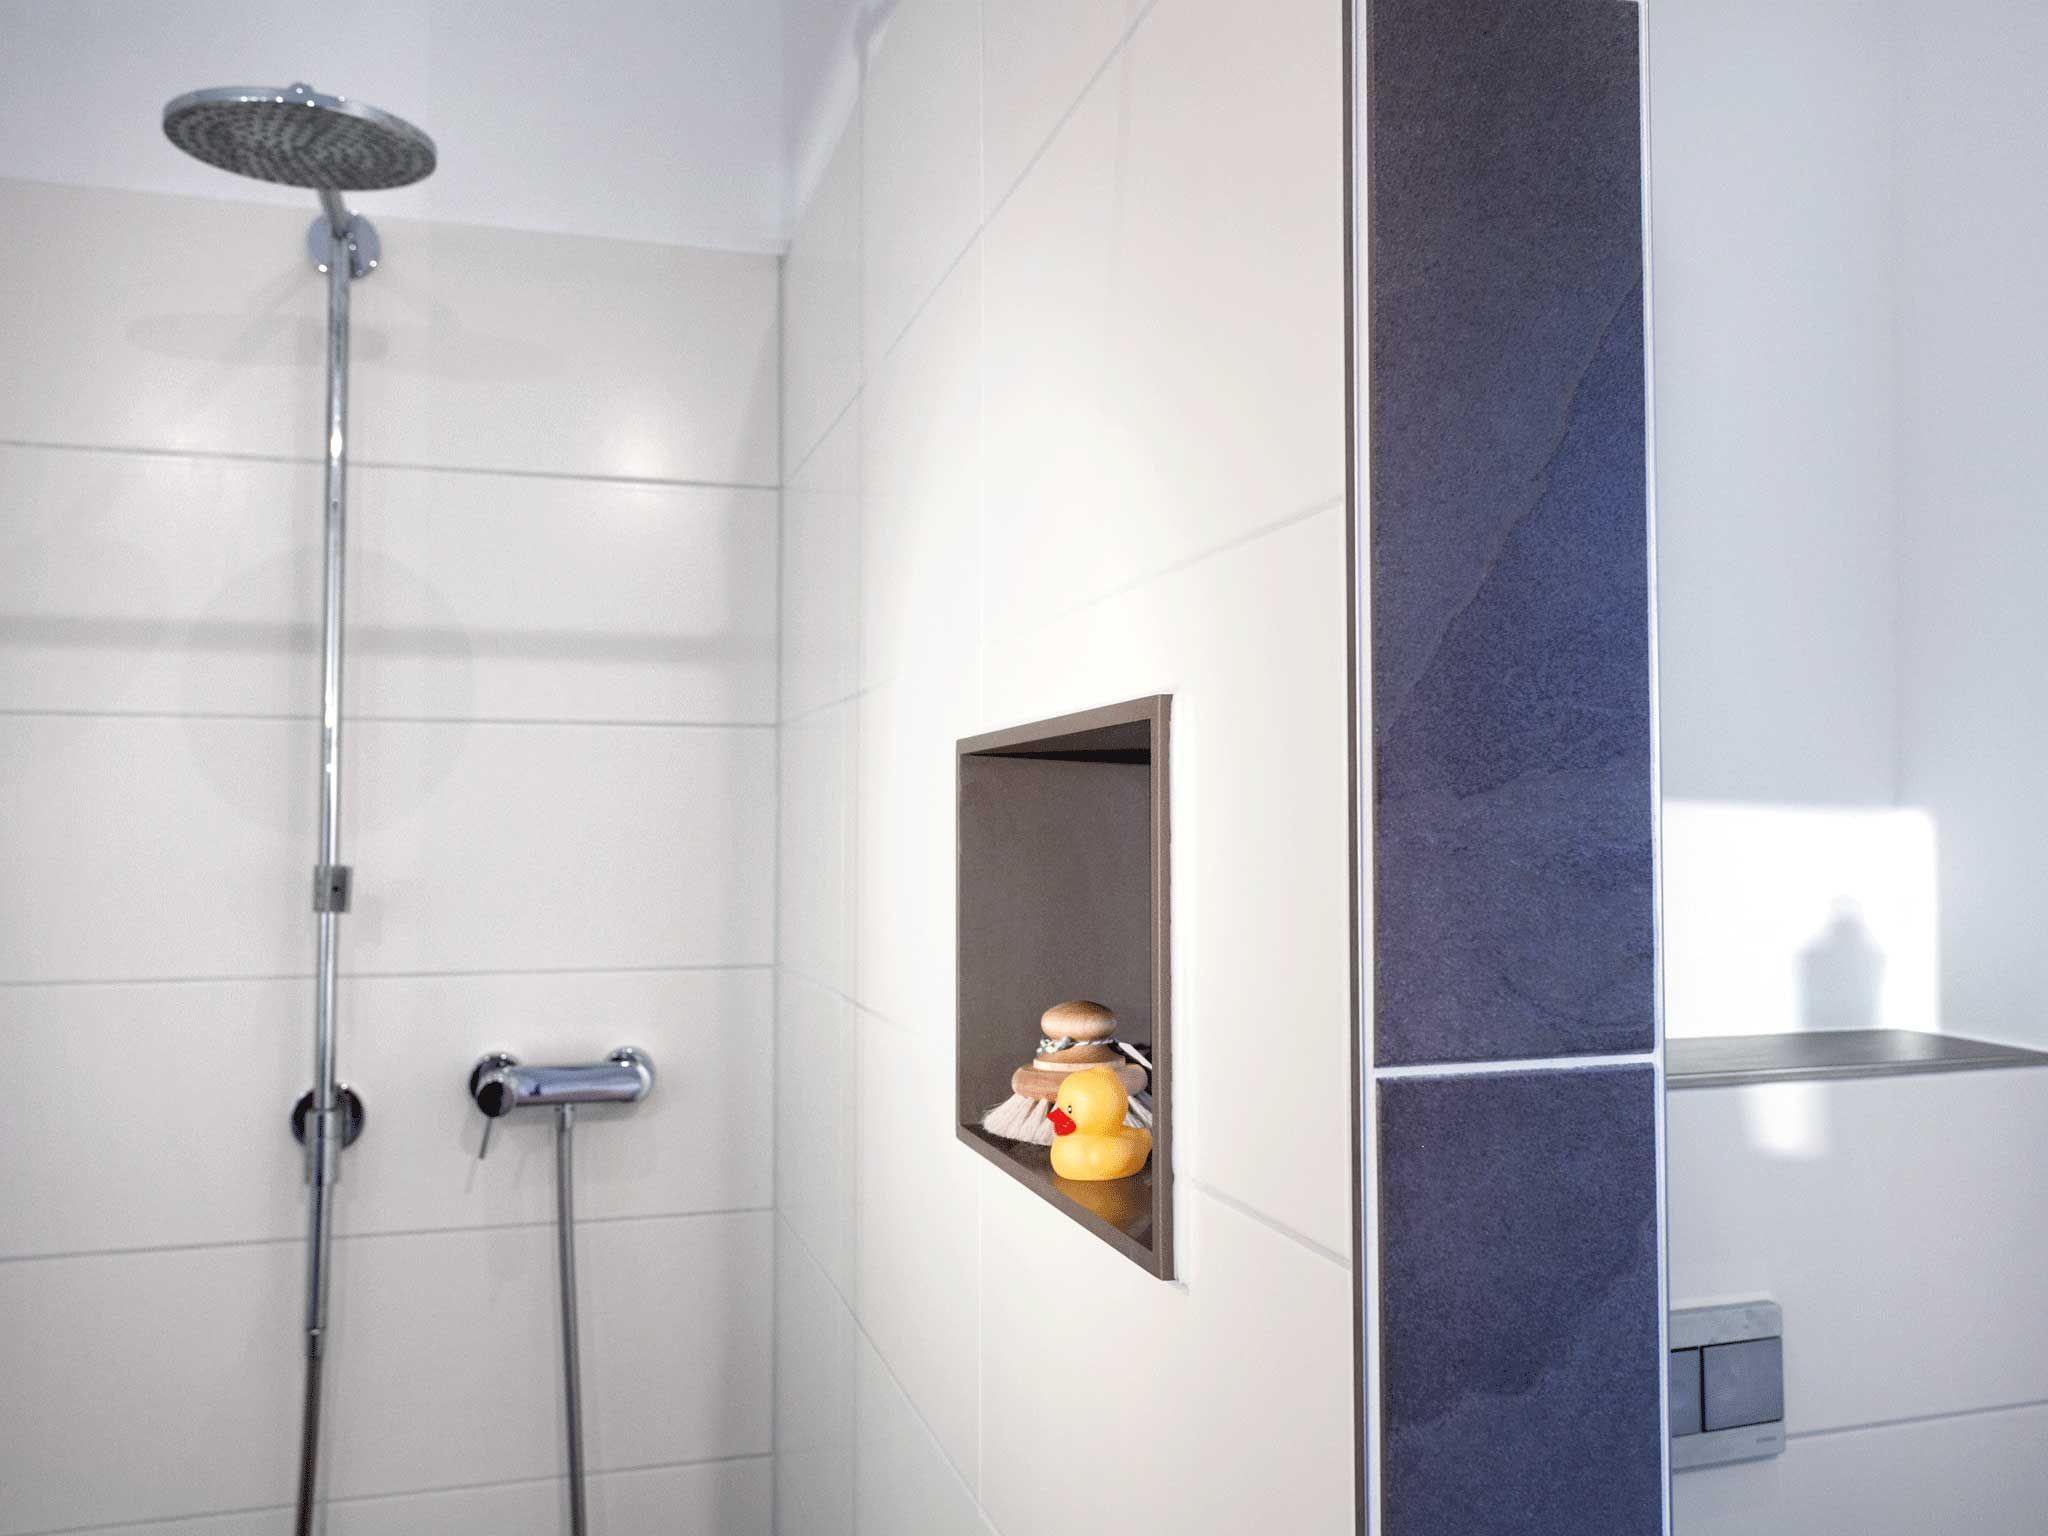 Hier können Shampoo und Co. direkt in die Wand gestellt